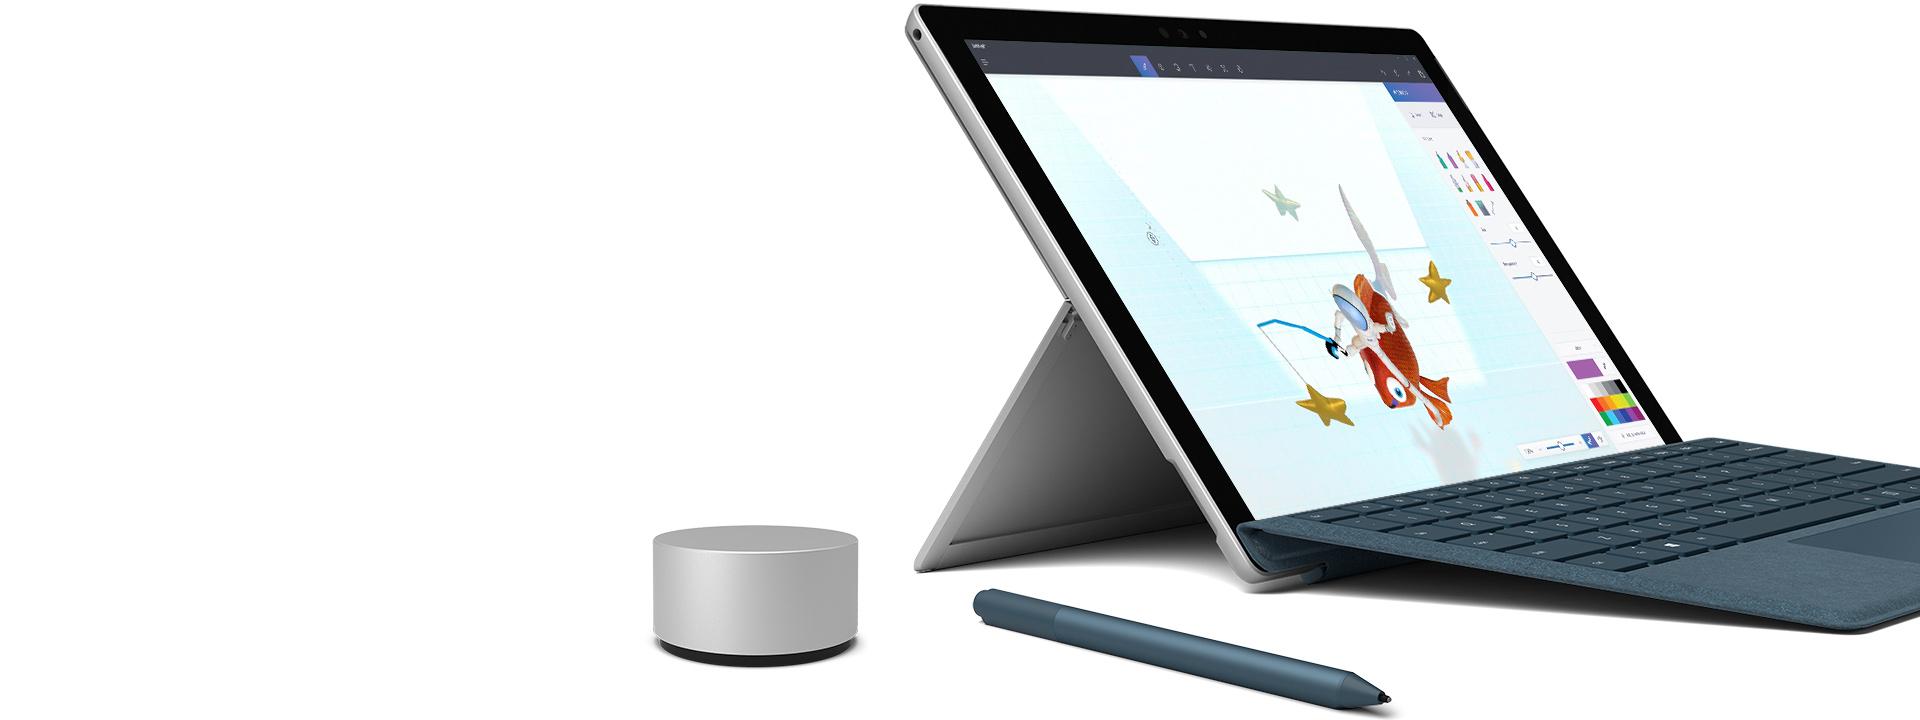 處於膝上型電腦模式的 Surface Pro,以及 Surface Dial、手寫筆和實體鍵盤保護蓋。